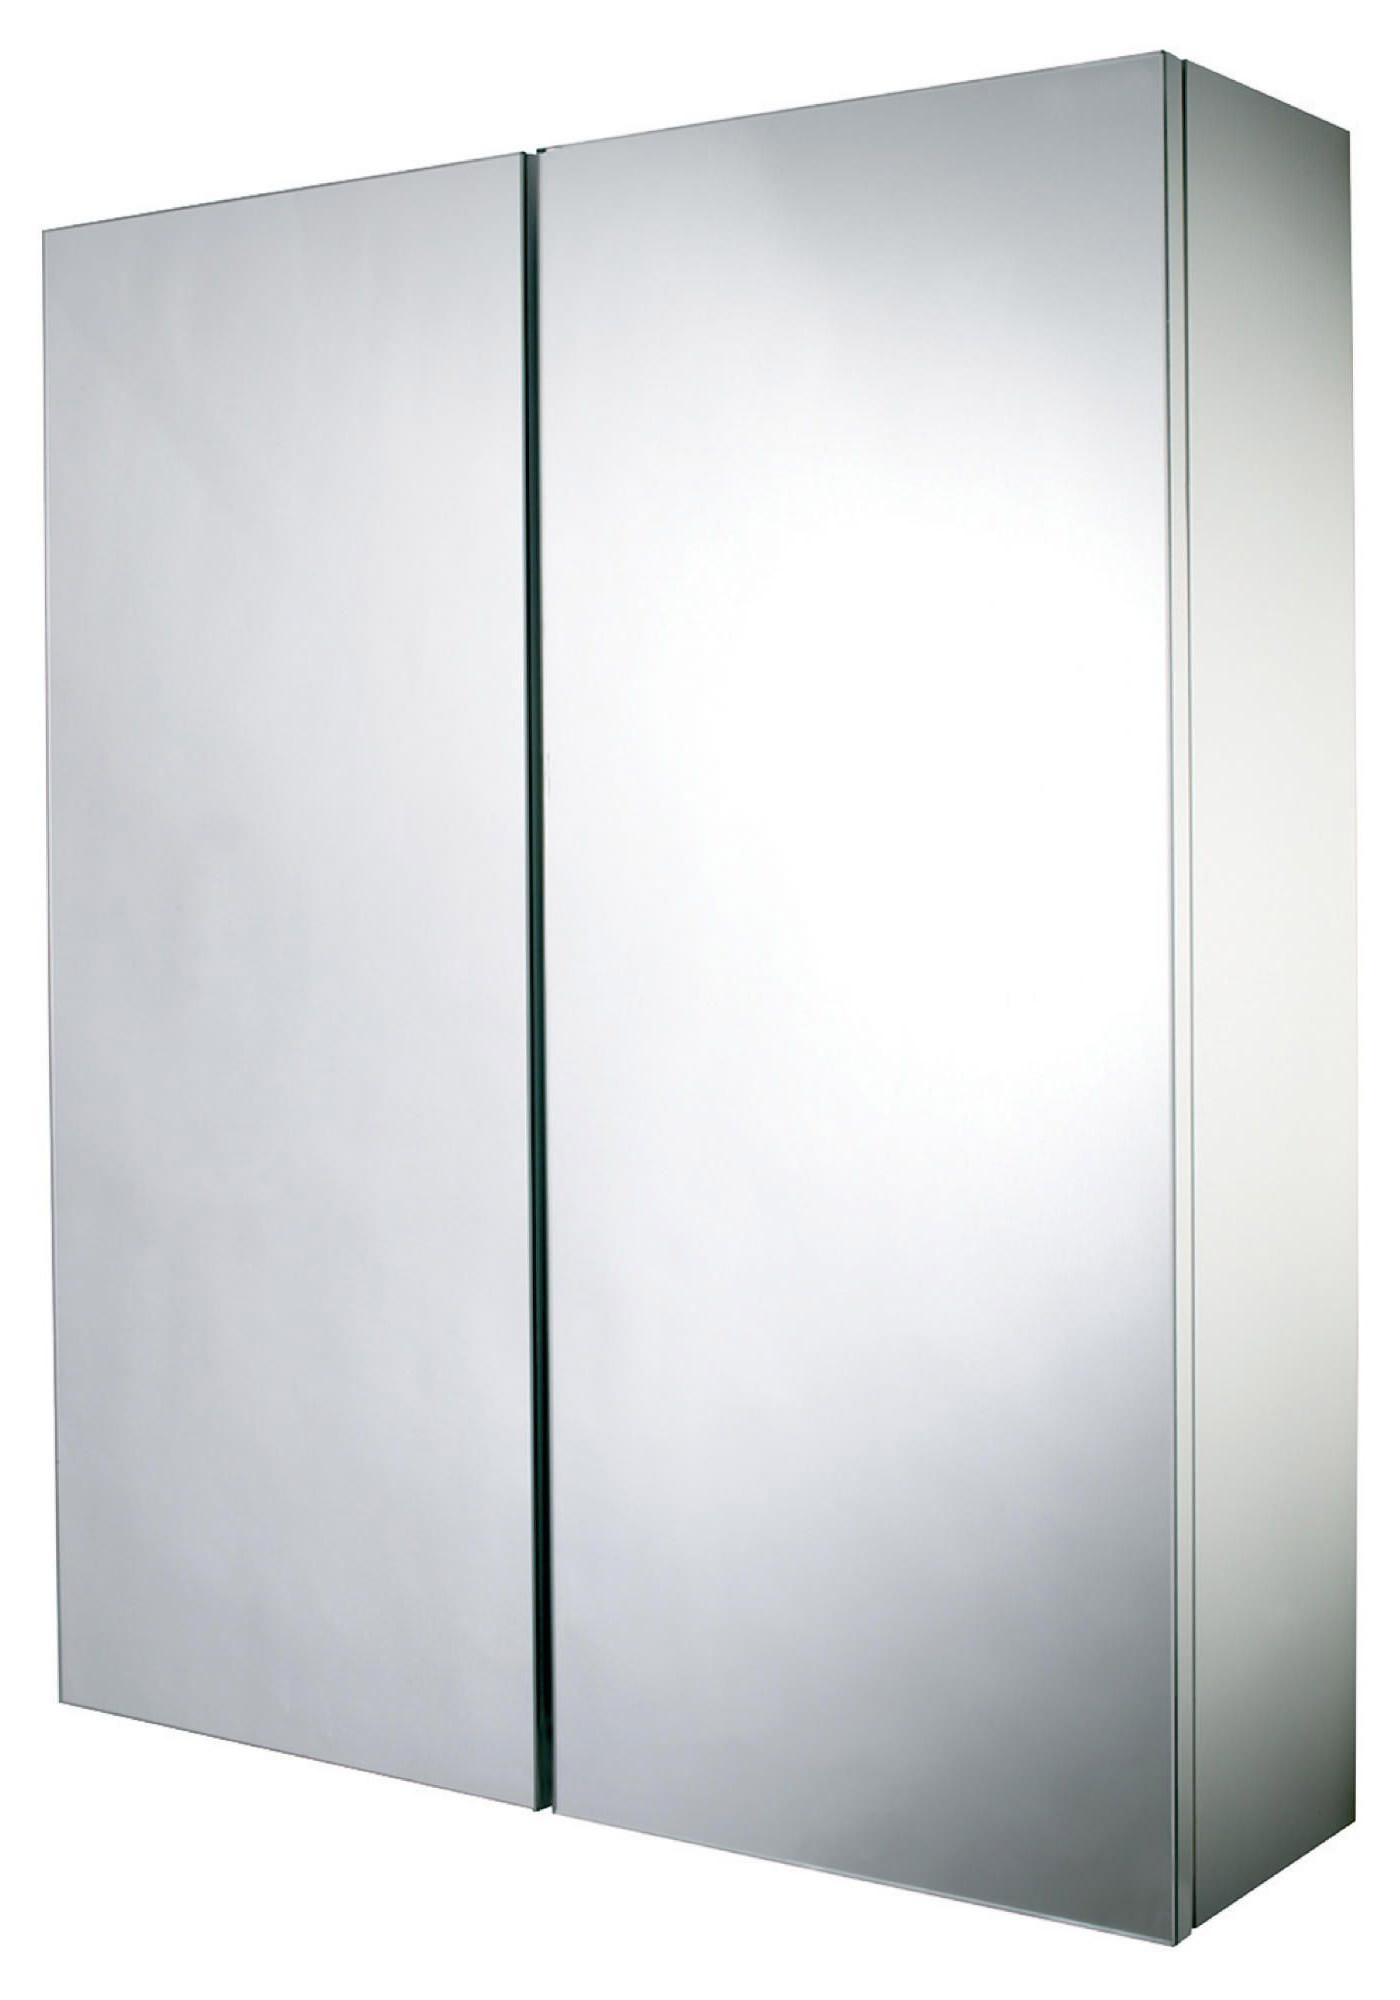 Croydex alaska hang n lock double door mirror cabinet wc700222 for Double door mirrored bathroom cabinet